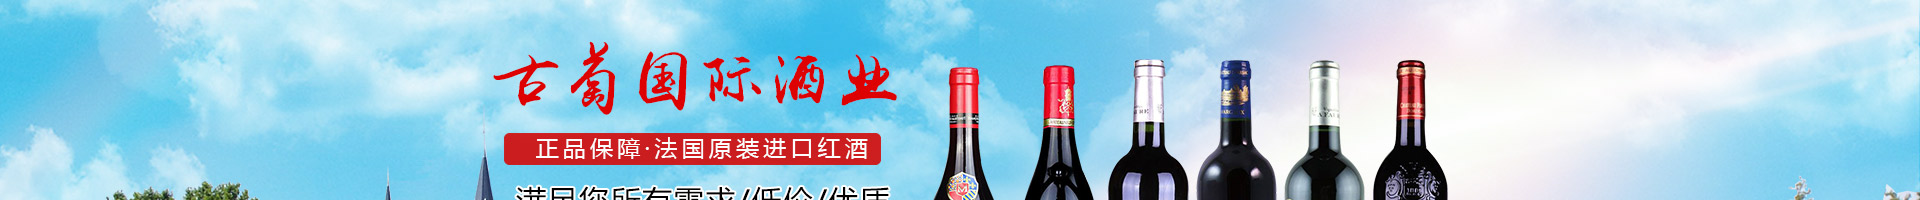 北京古萄国际贸易有限公司